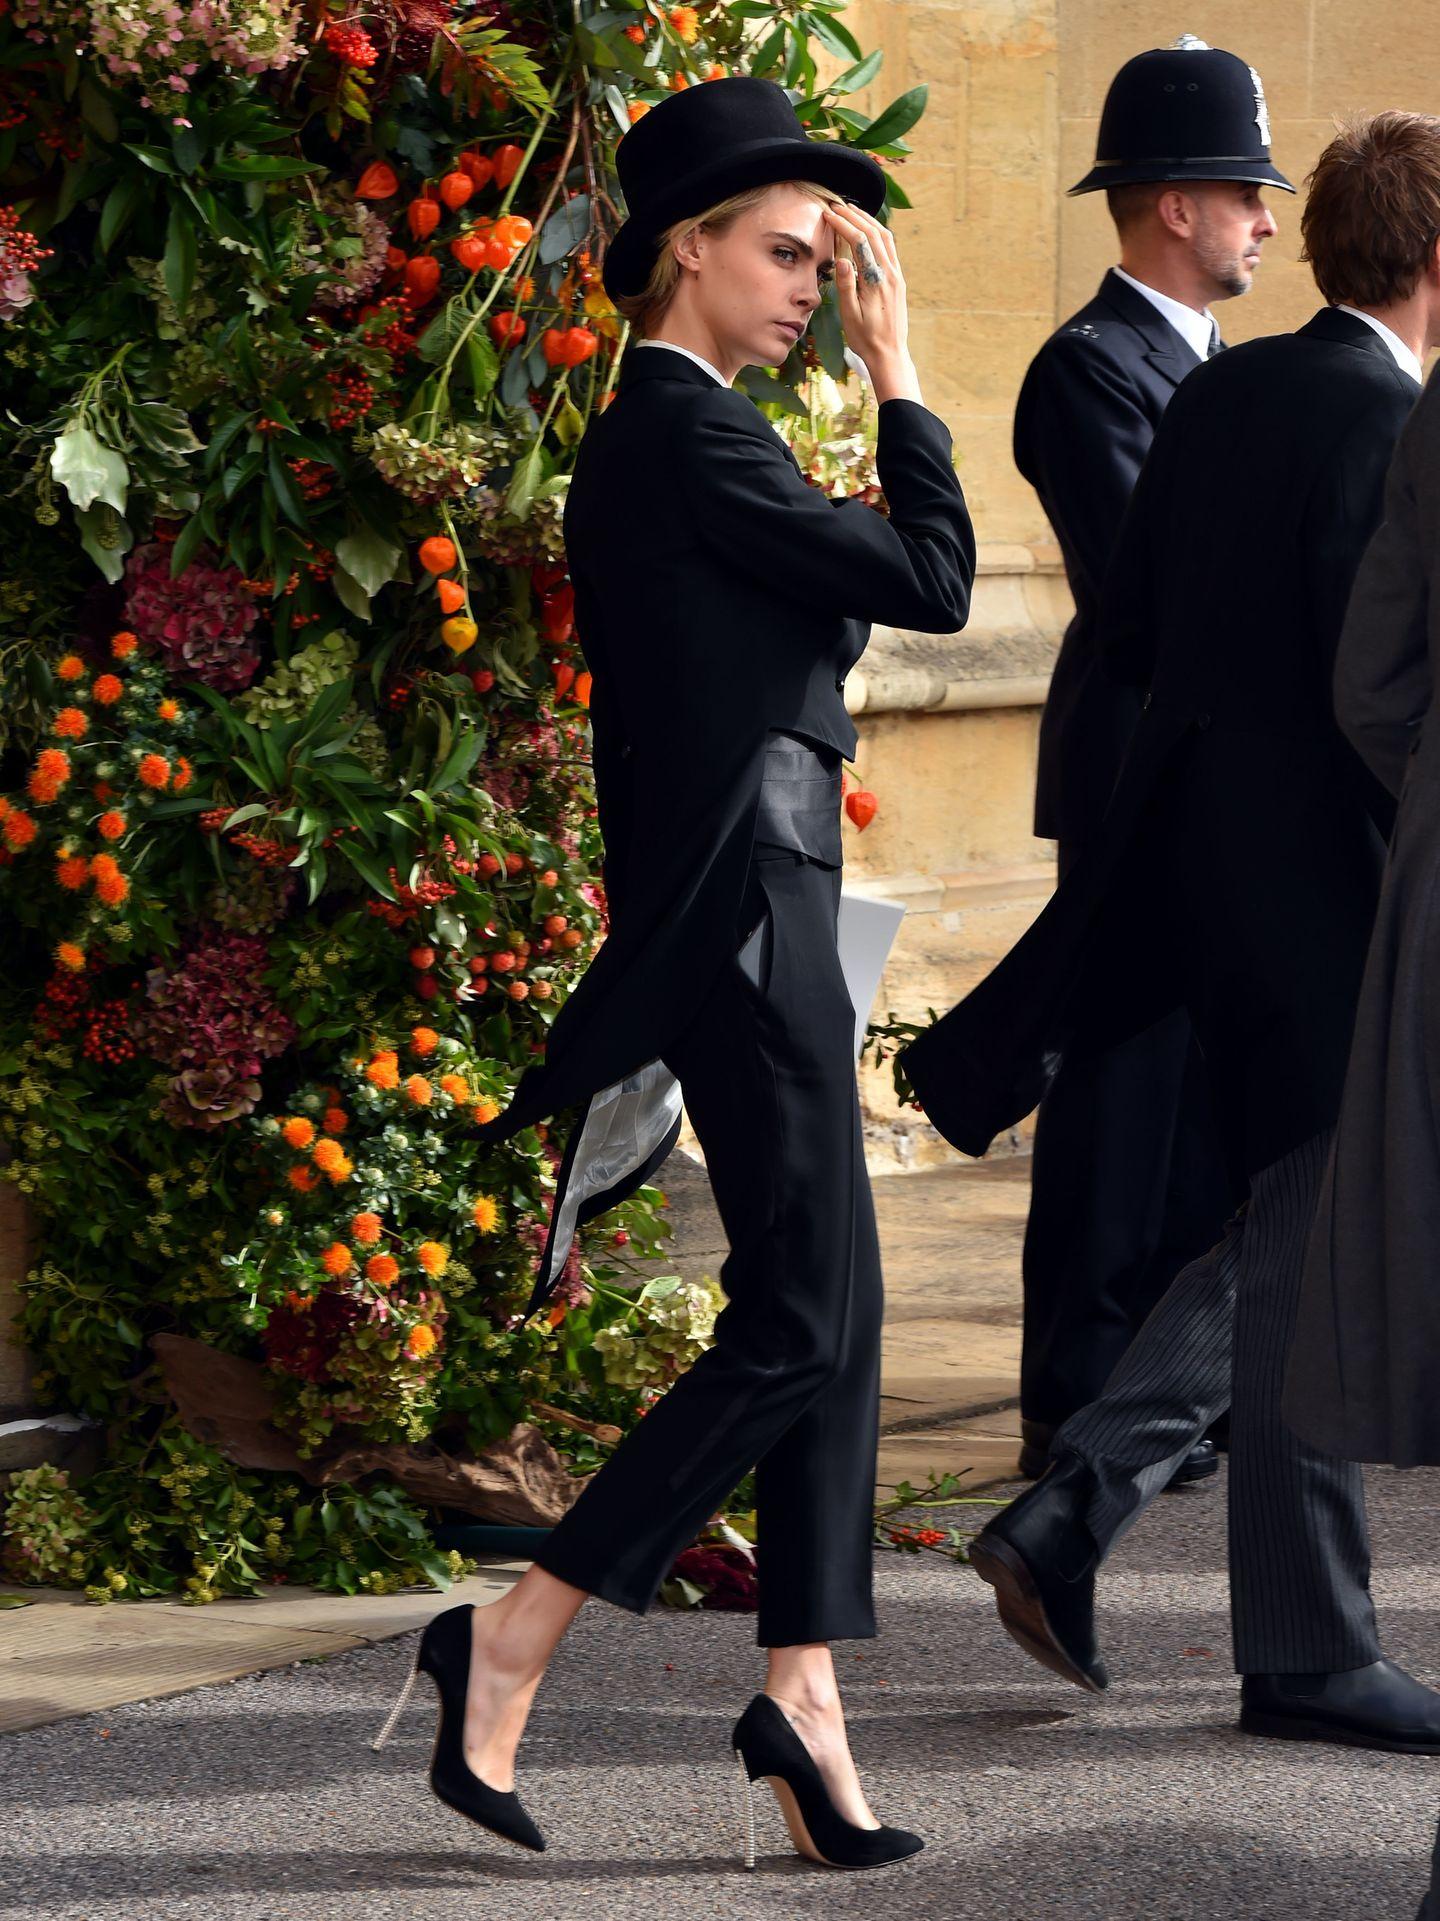 Cara Delevingne hat sich in einen perfekt geschnittenen Smoking samt Kummerbund und Zylinder geschmissen. Ein cooler Look, der ihr fantastisch steht!